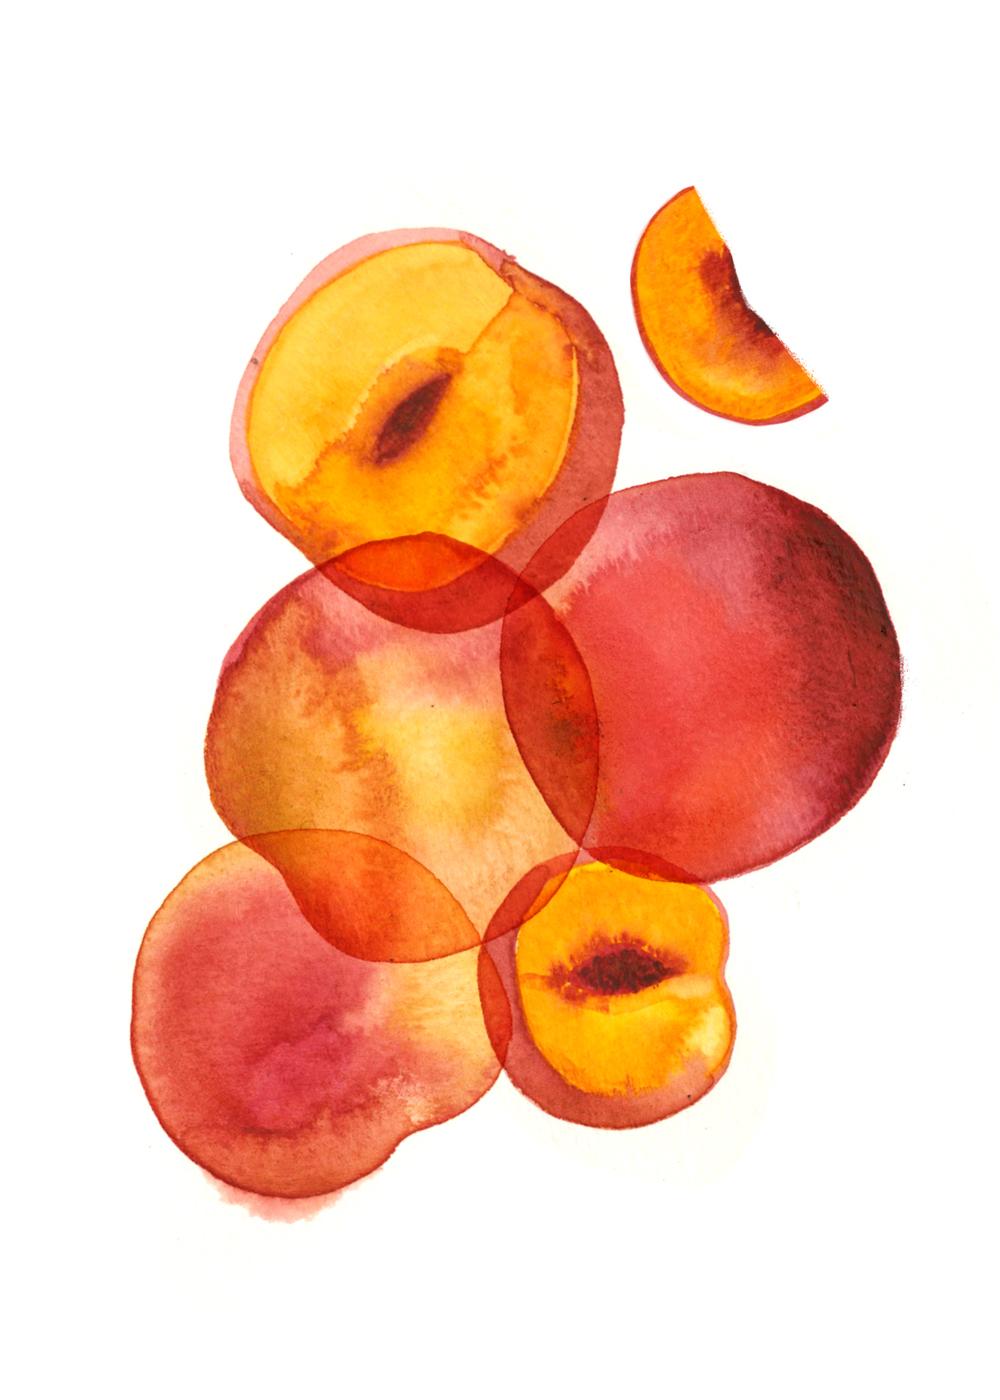 Peaches_5x7.jpg